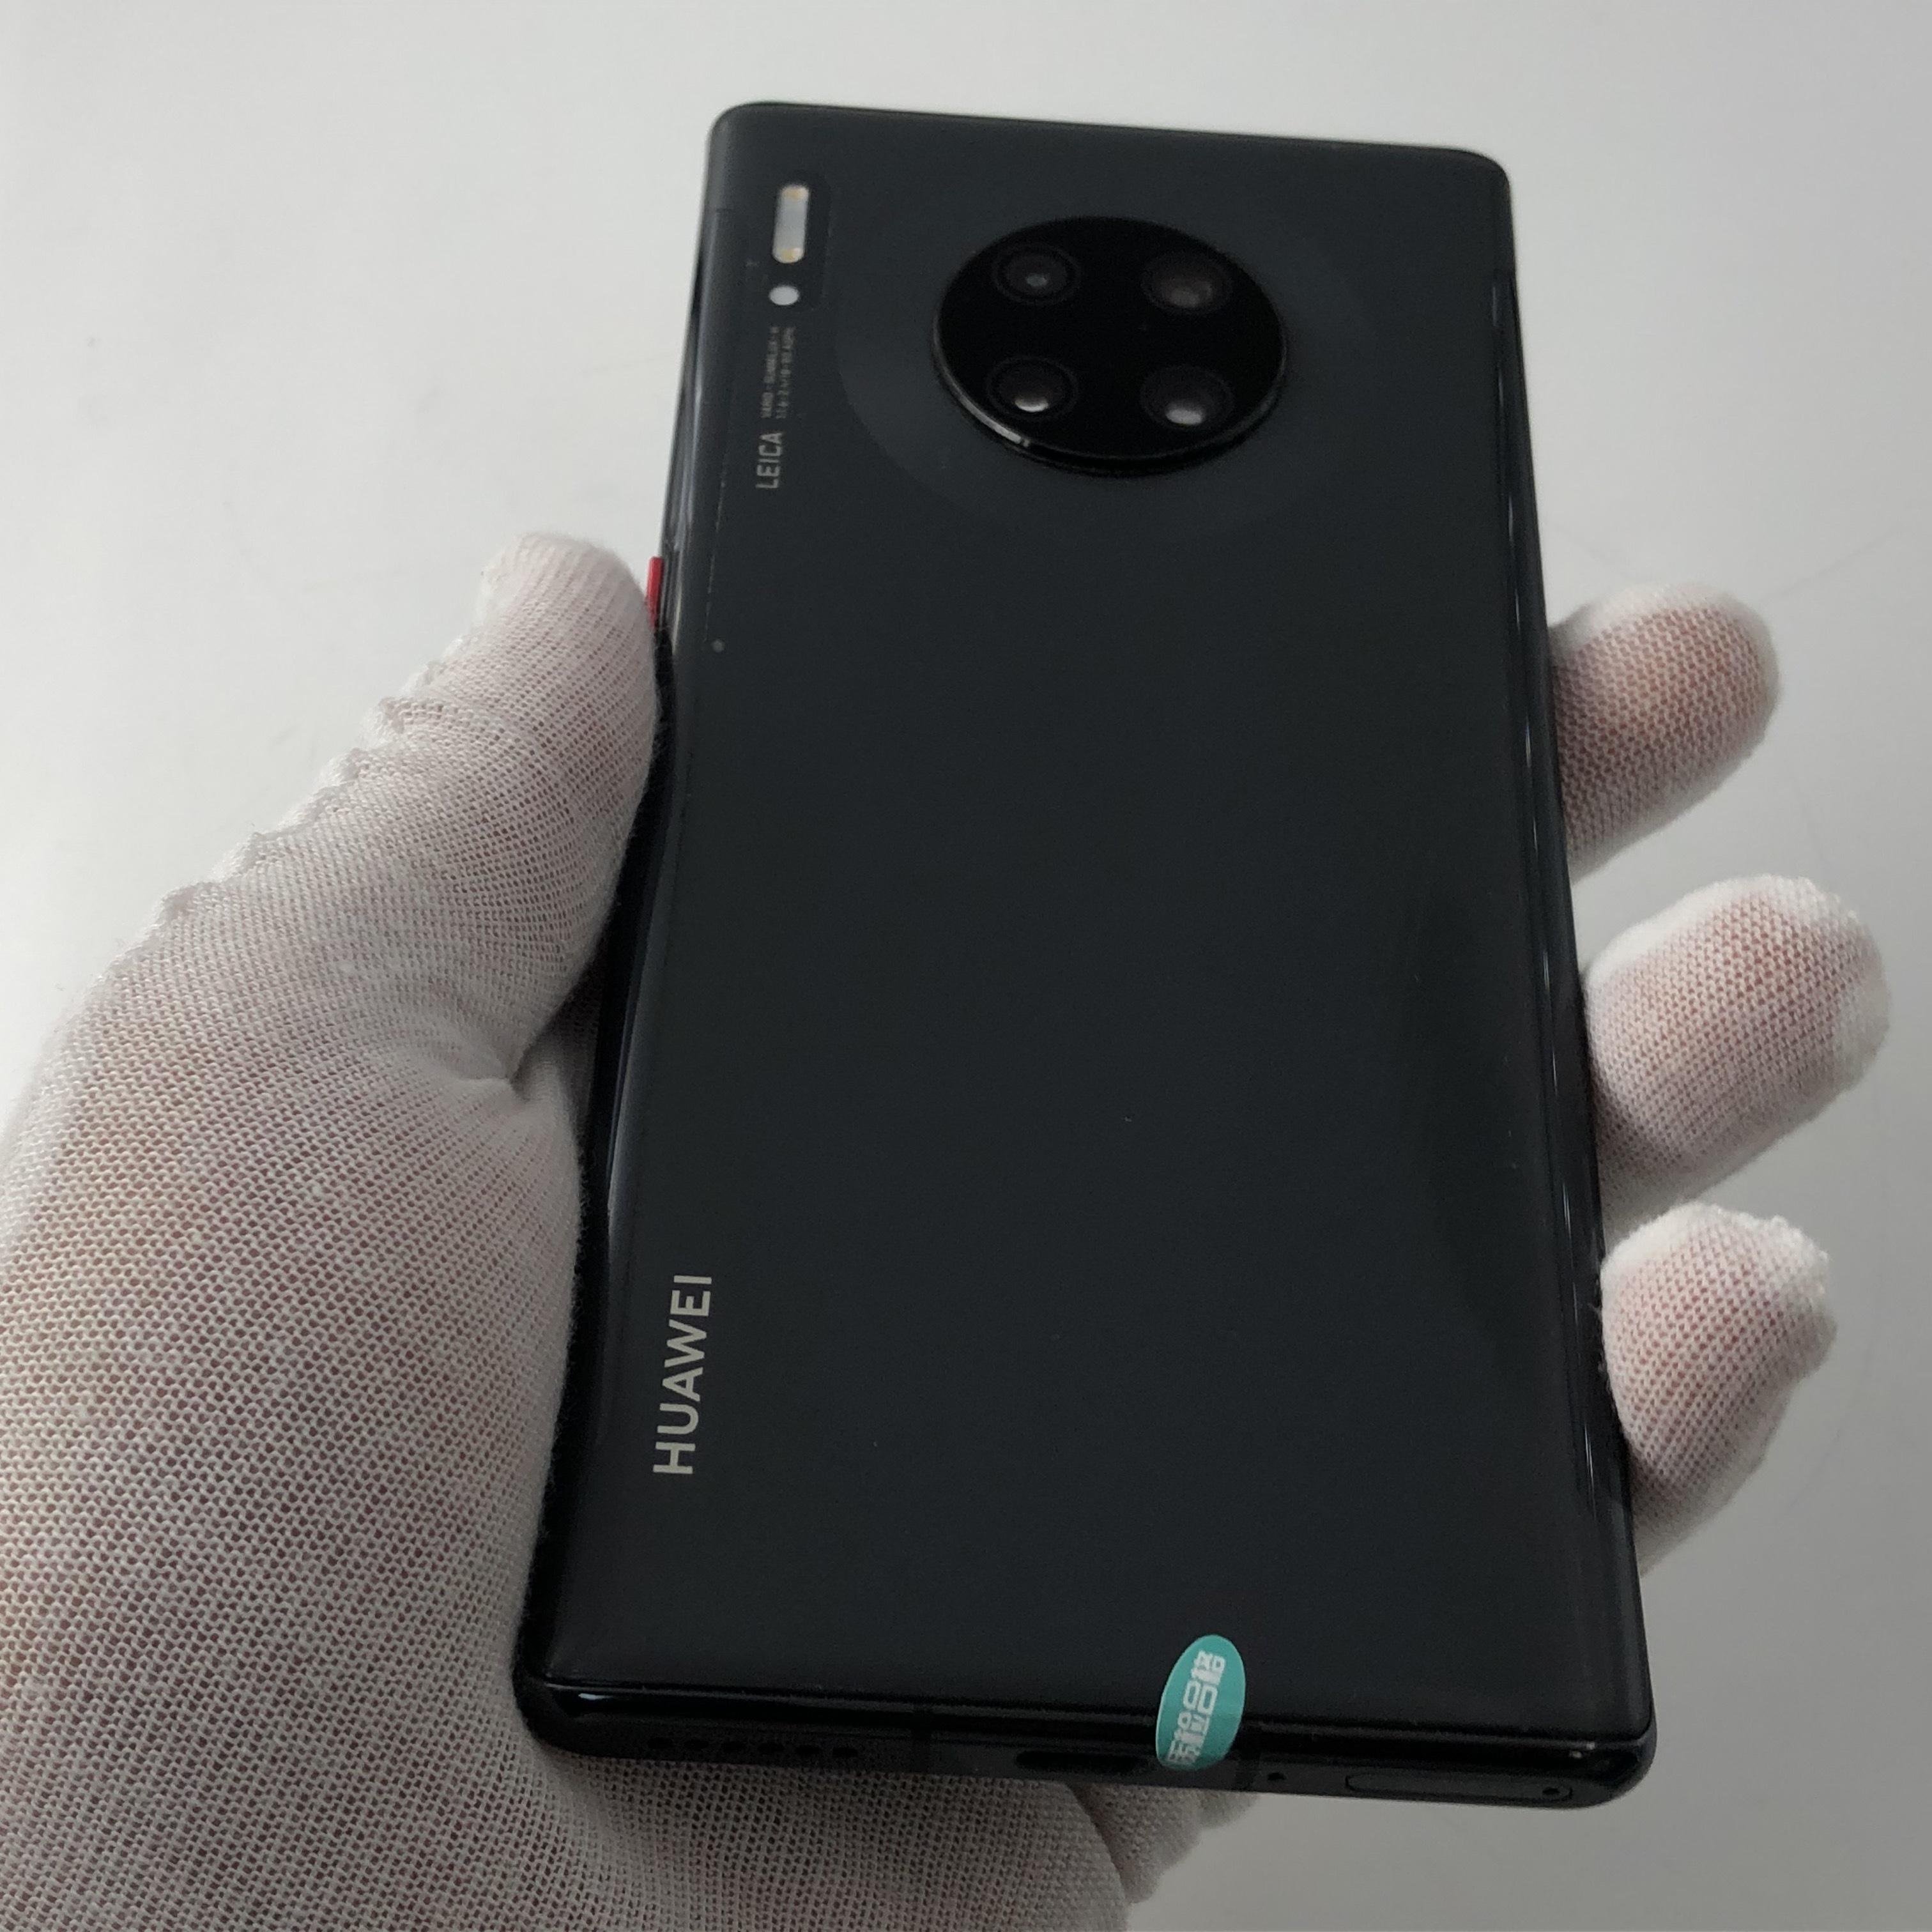 华为【Mate 30 Pro 5G】5G全网通 亮黑色 8G/256G 国行 95新